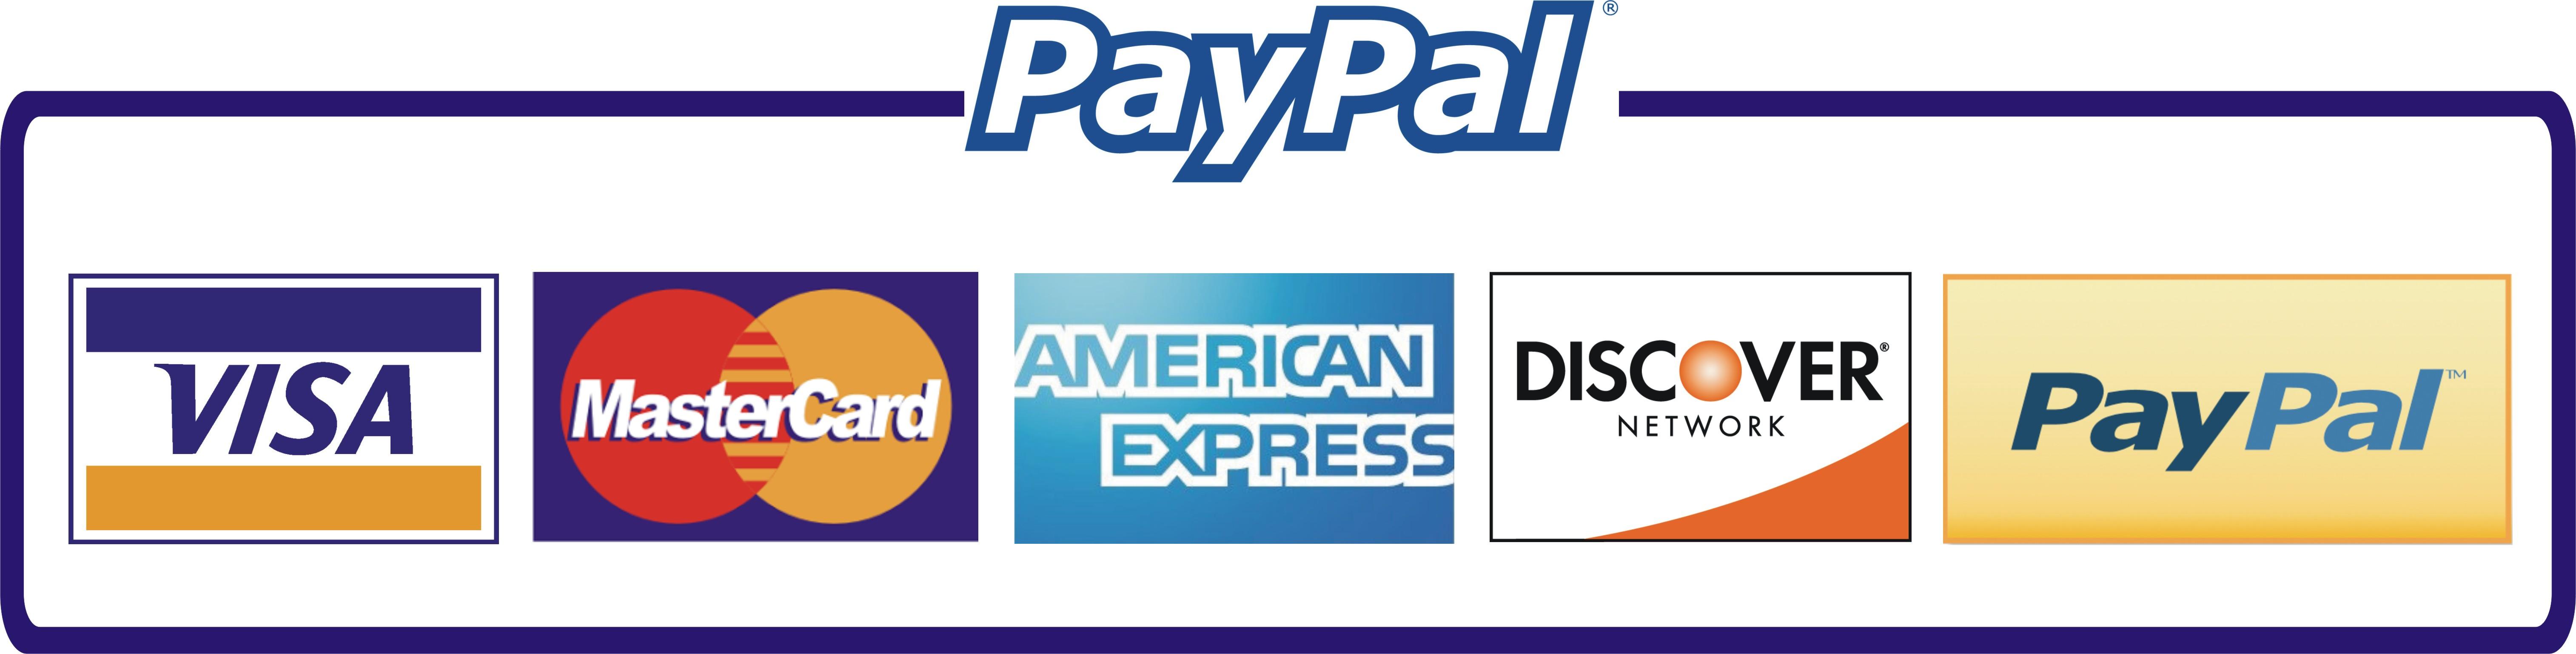 PayPal.gif